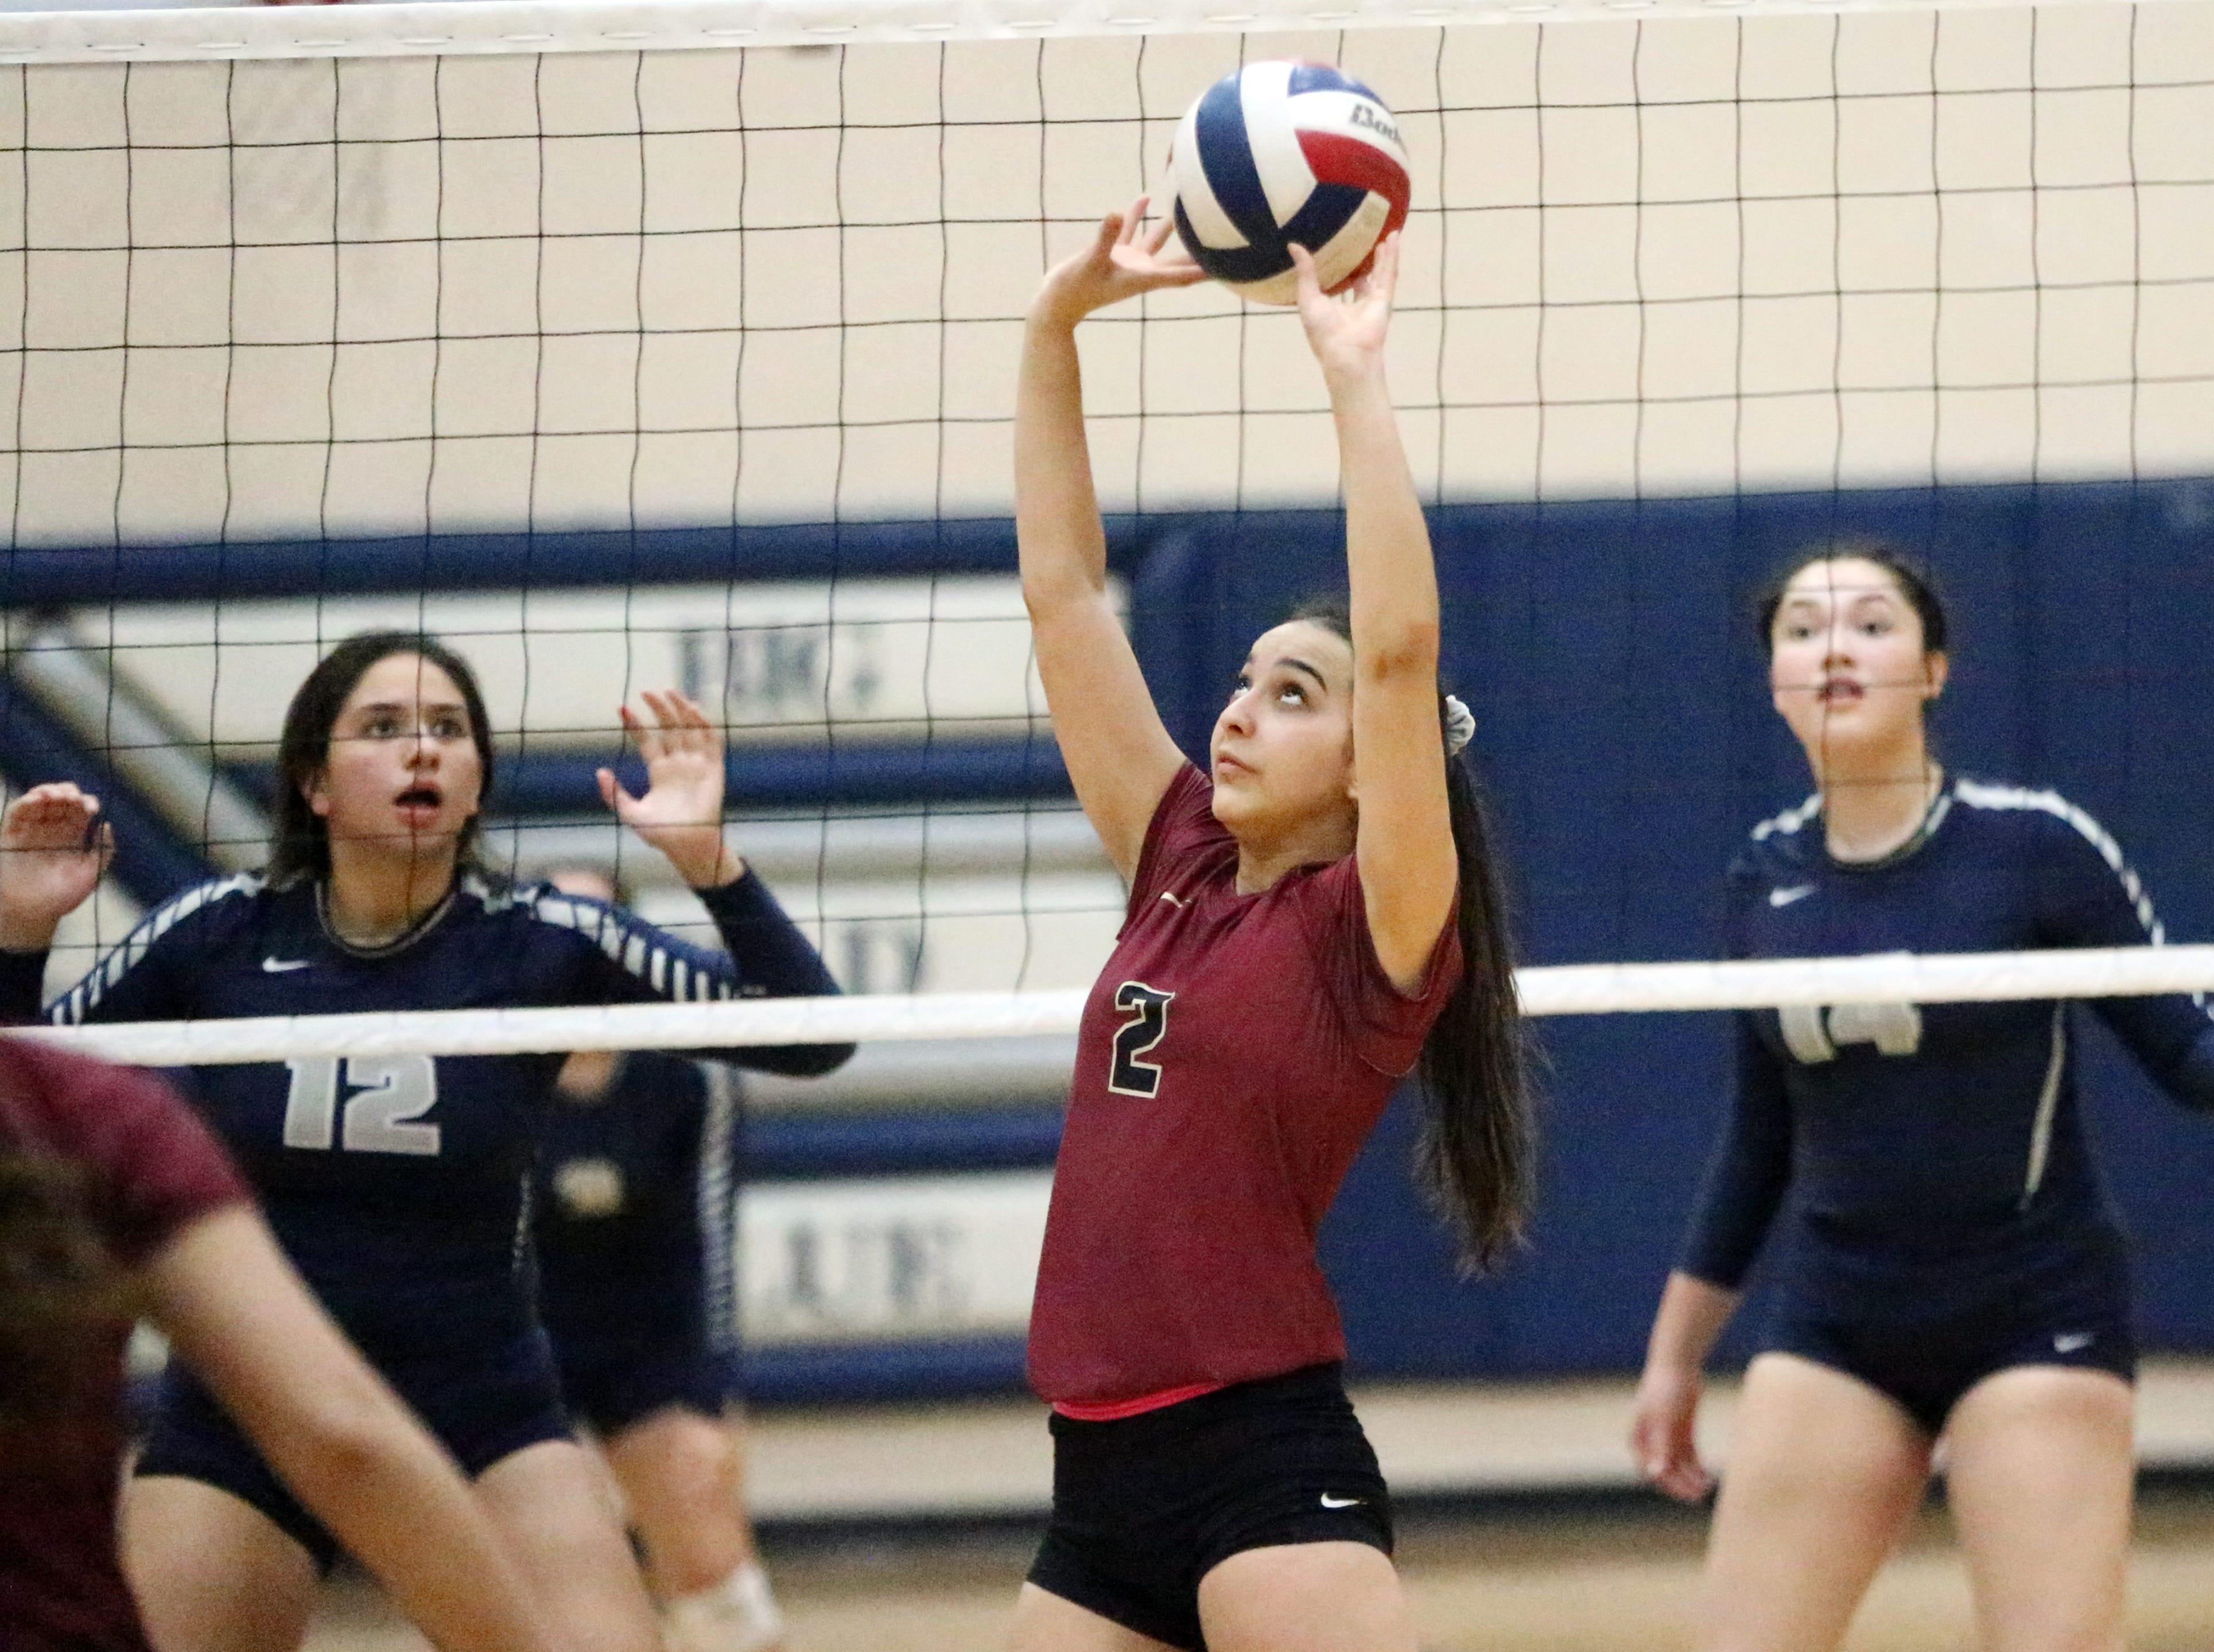 Del Valle hosted El Dorado in high school volleyball Tuesday night. El Dorado prevailed in three sets.